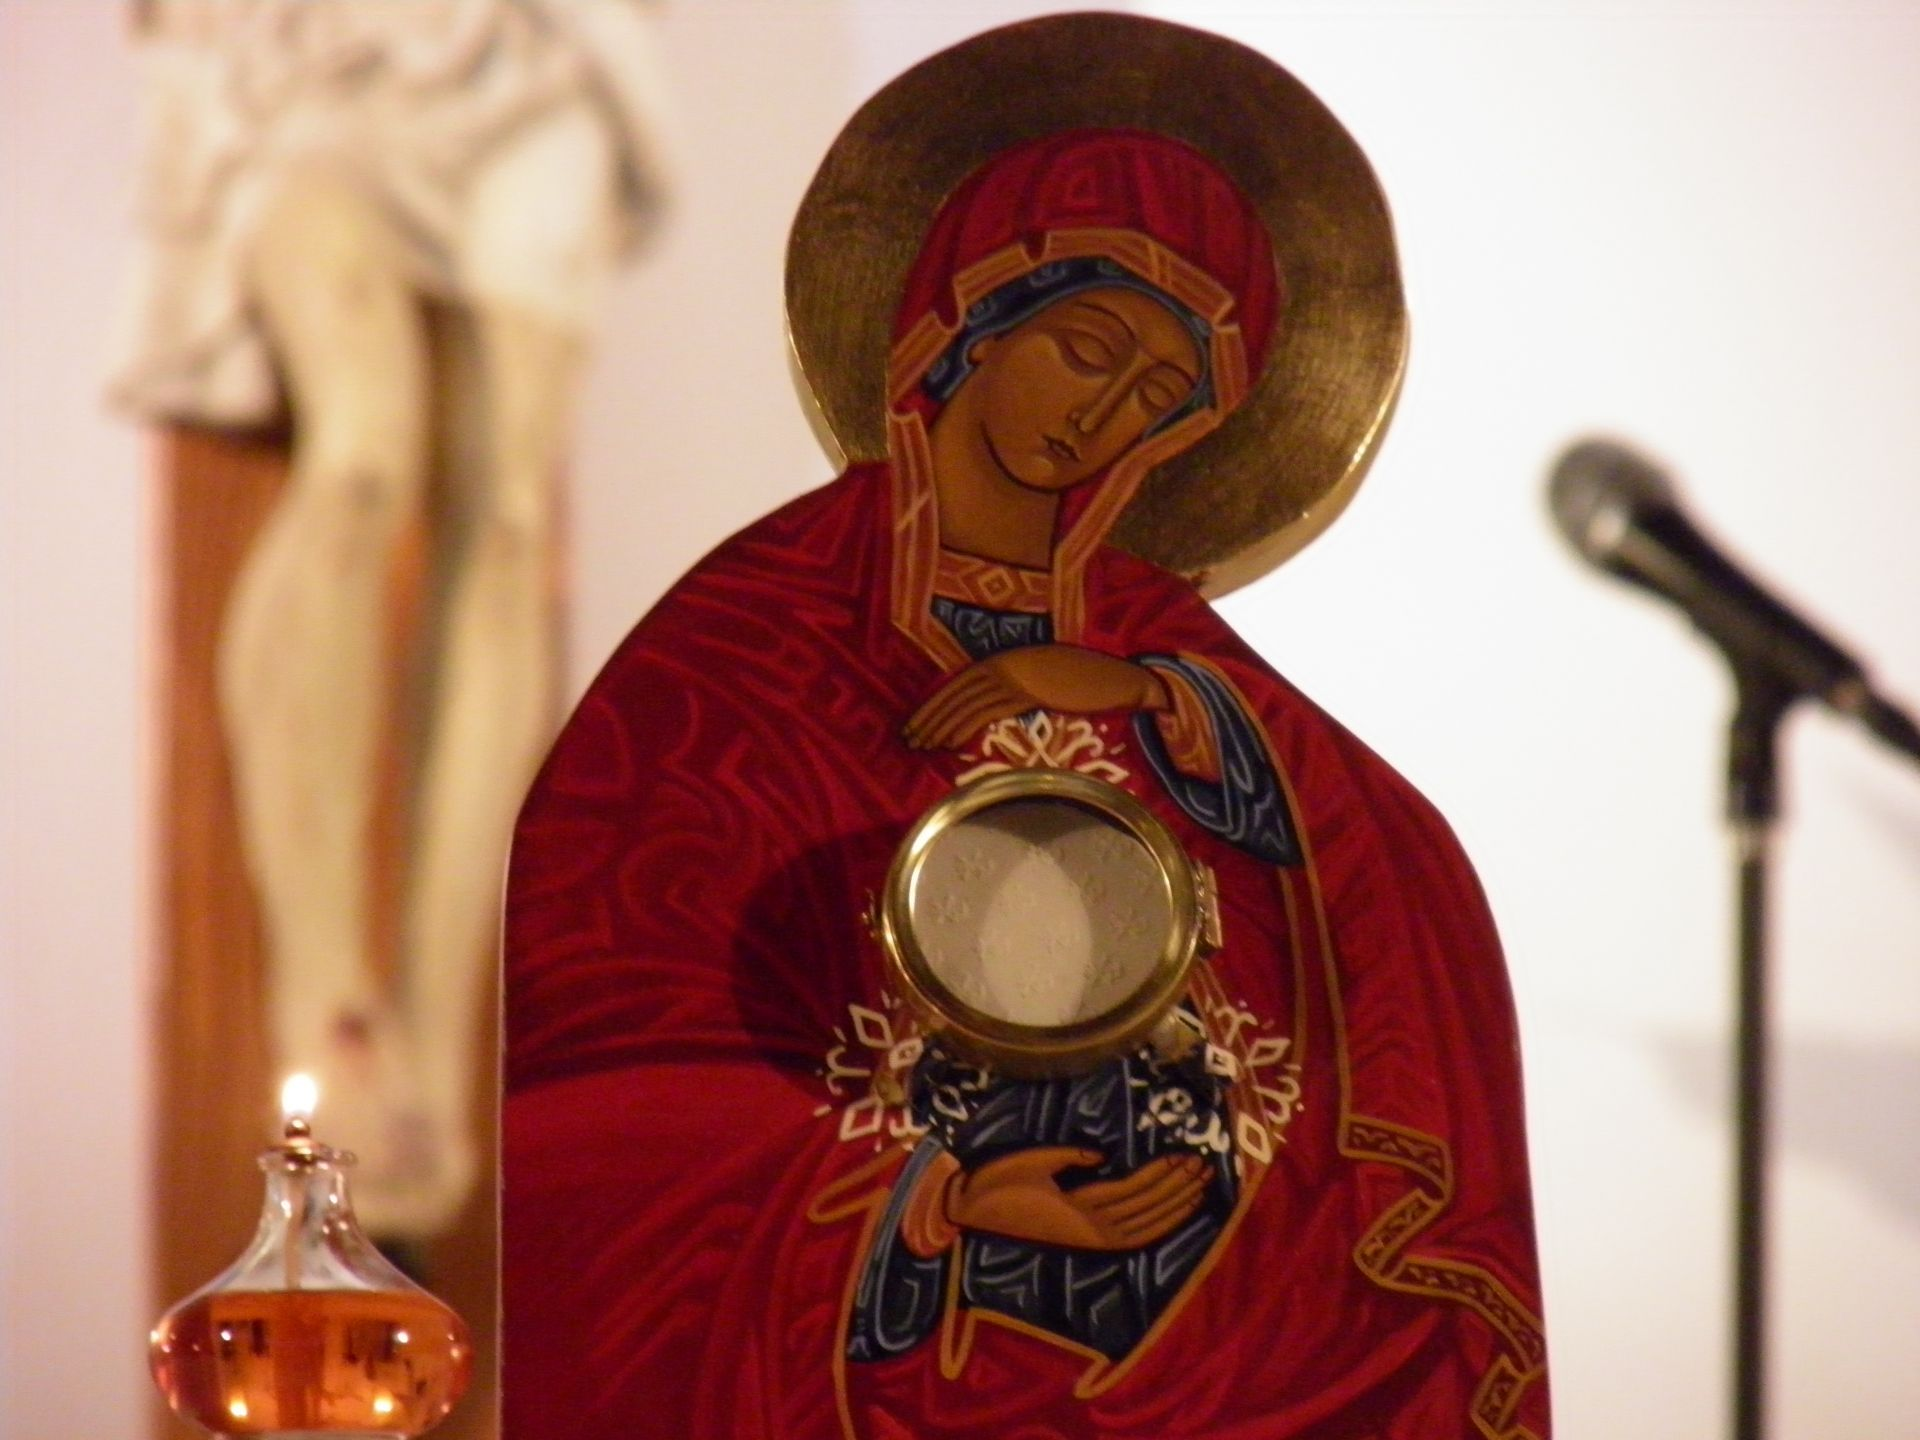 Hoje começa a novena pela Assunção de Nossa Senhora